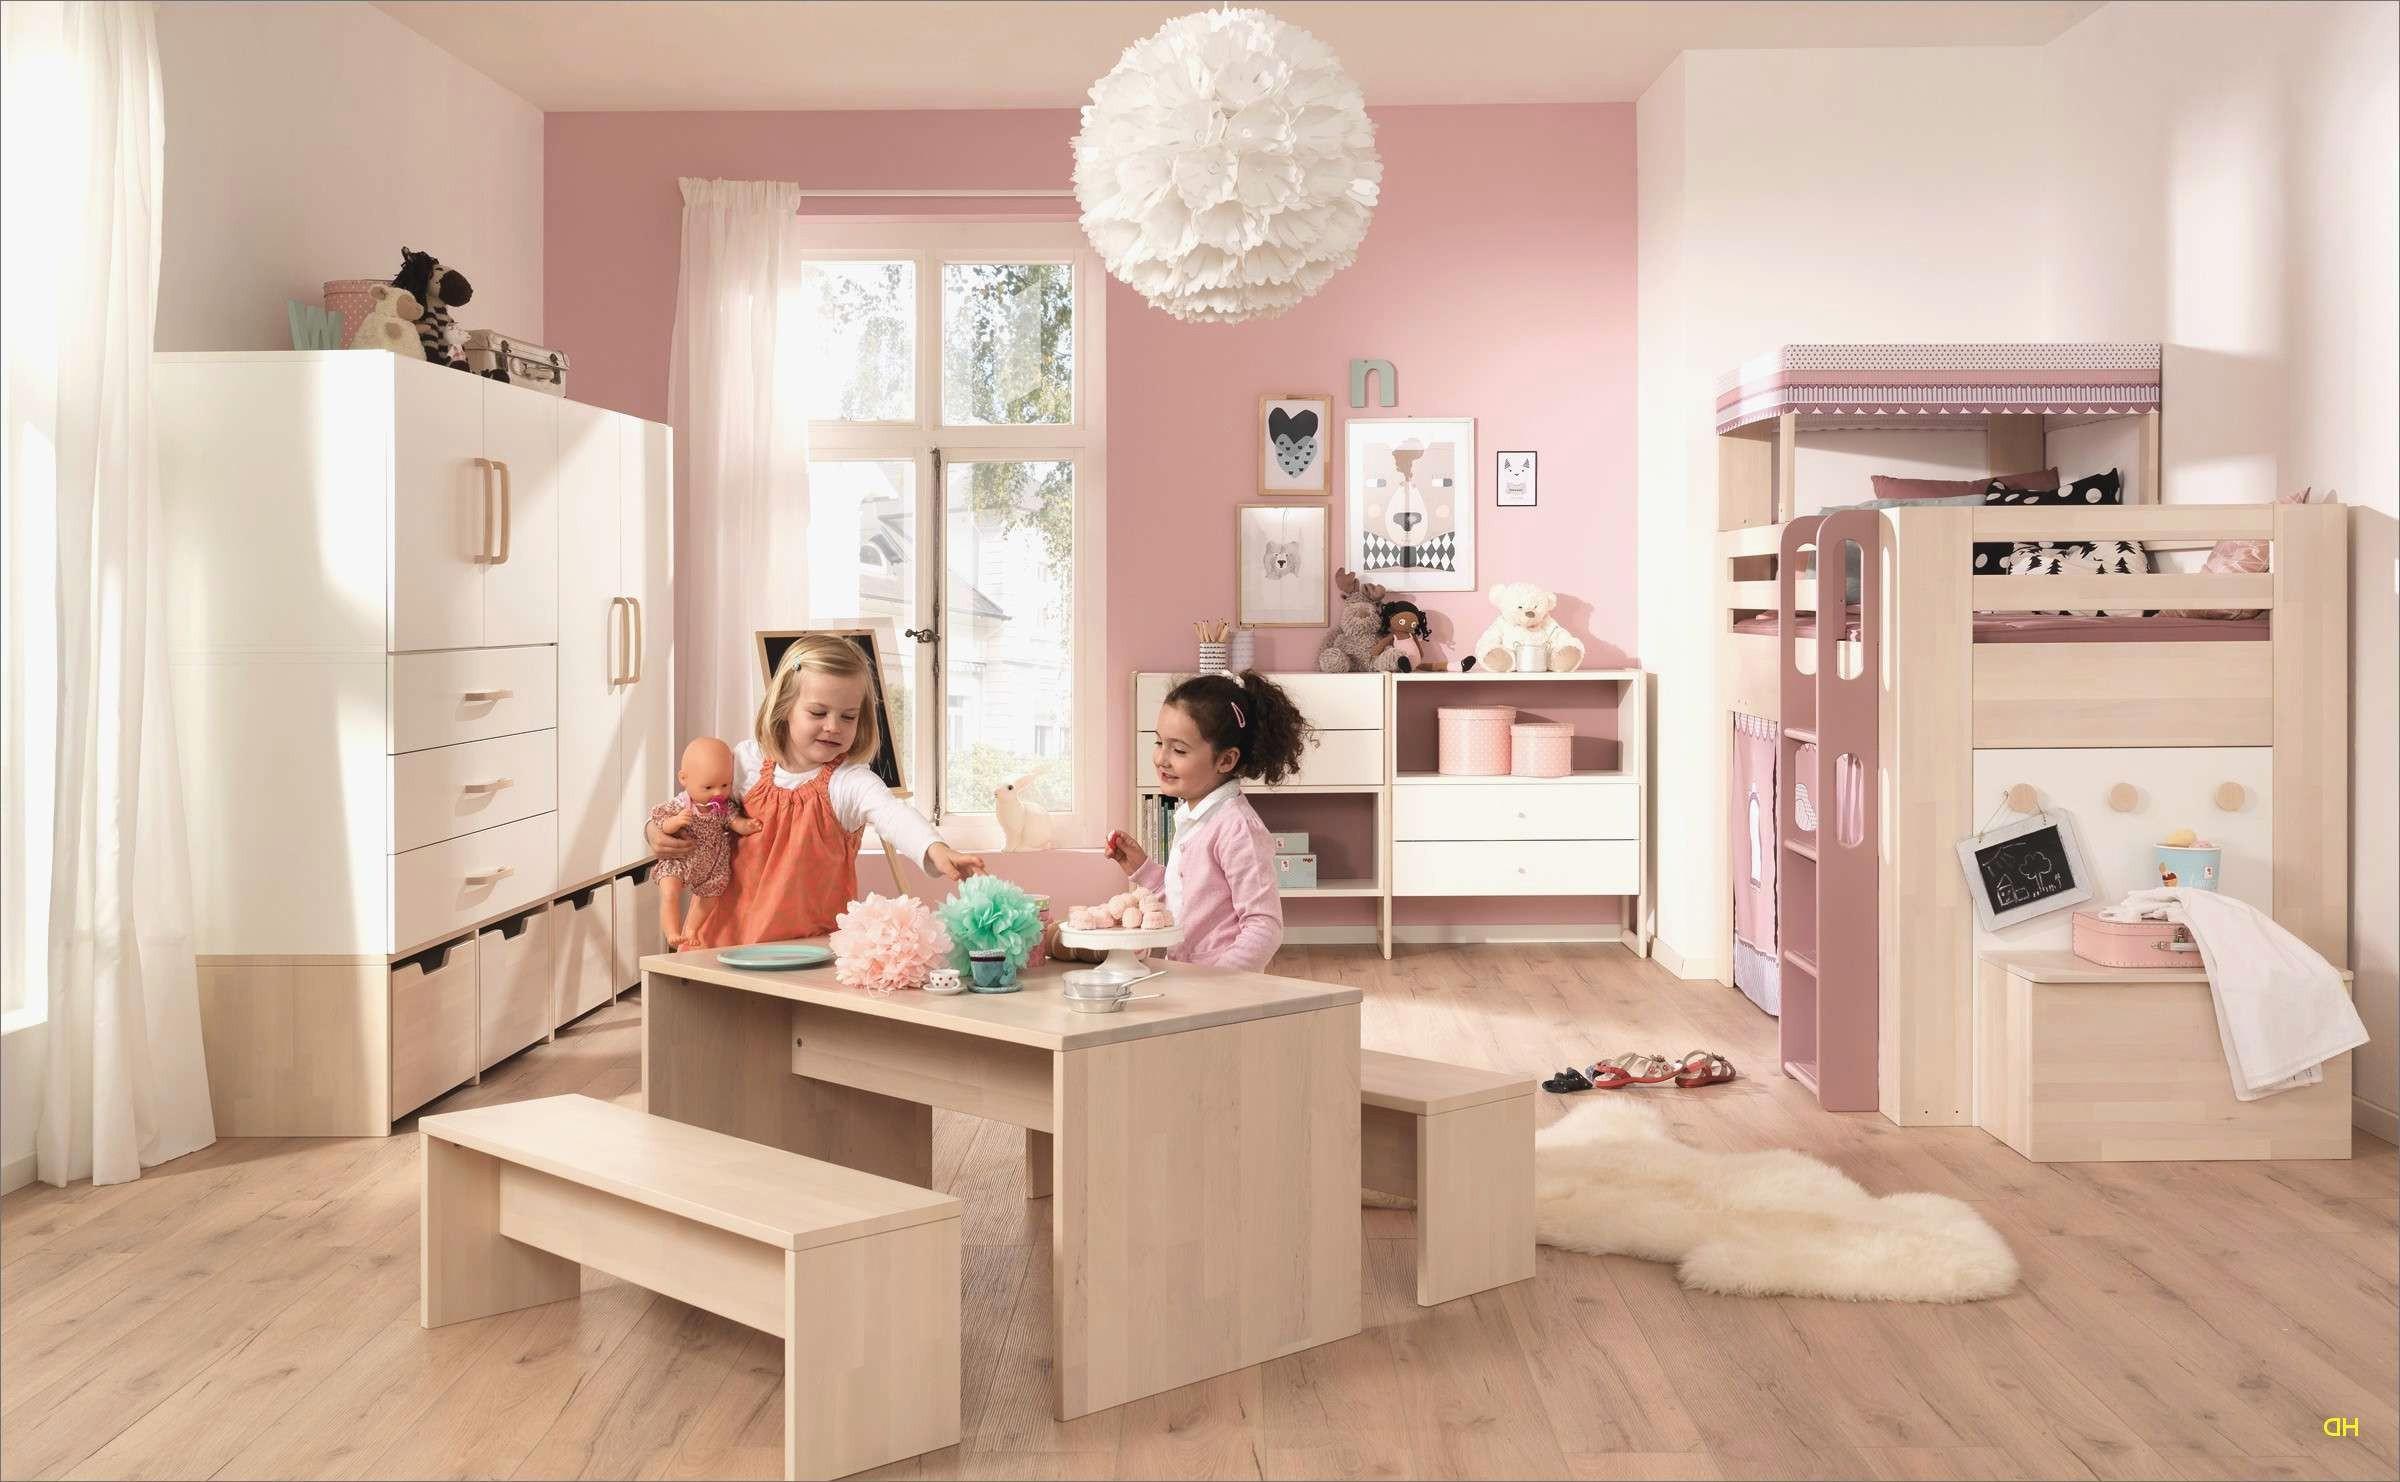 Ausmalbilder Mädchen Inspirierend Babyzimmer Mädchen Wandtattoo Best Gardinen Kinderzimmer Blau Grün Bilder